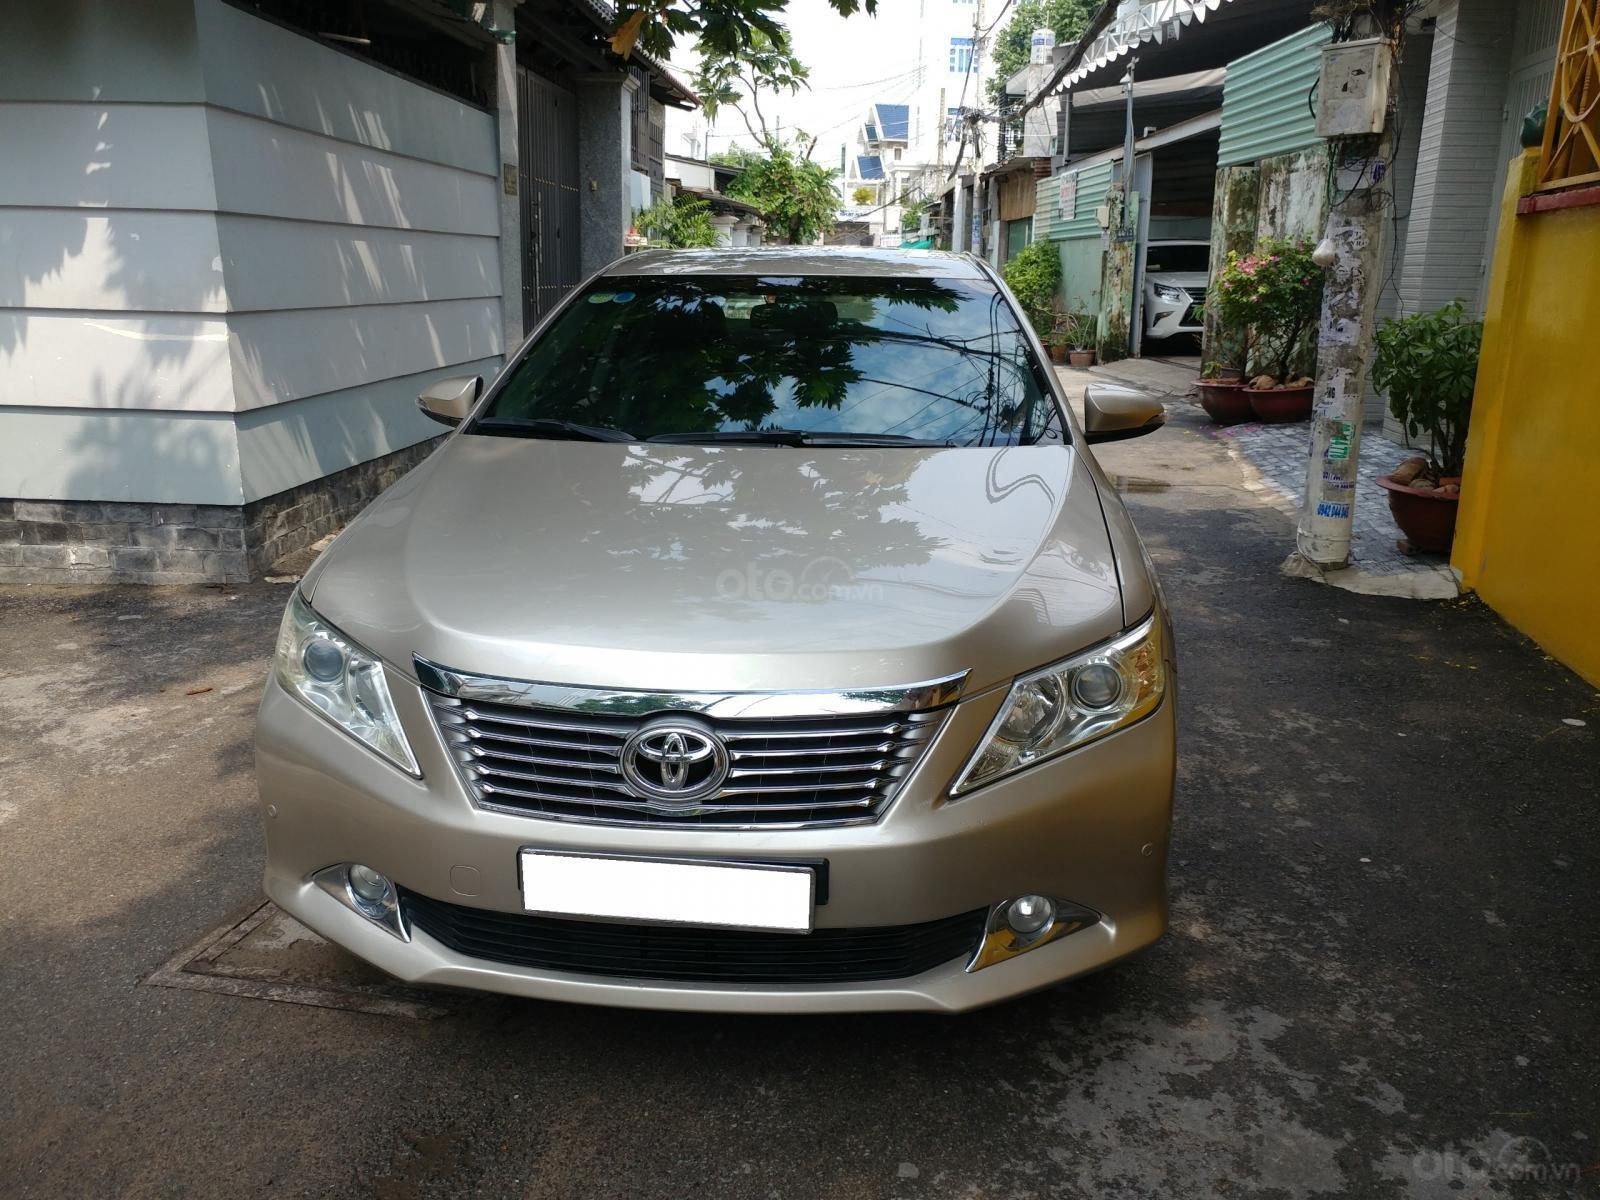 Cần bán xe Toyota Camry 2.5Q sx 2014 số tự động màu nâu vàng, biển số thành phố-0